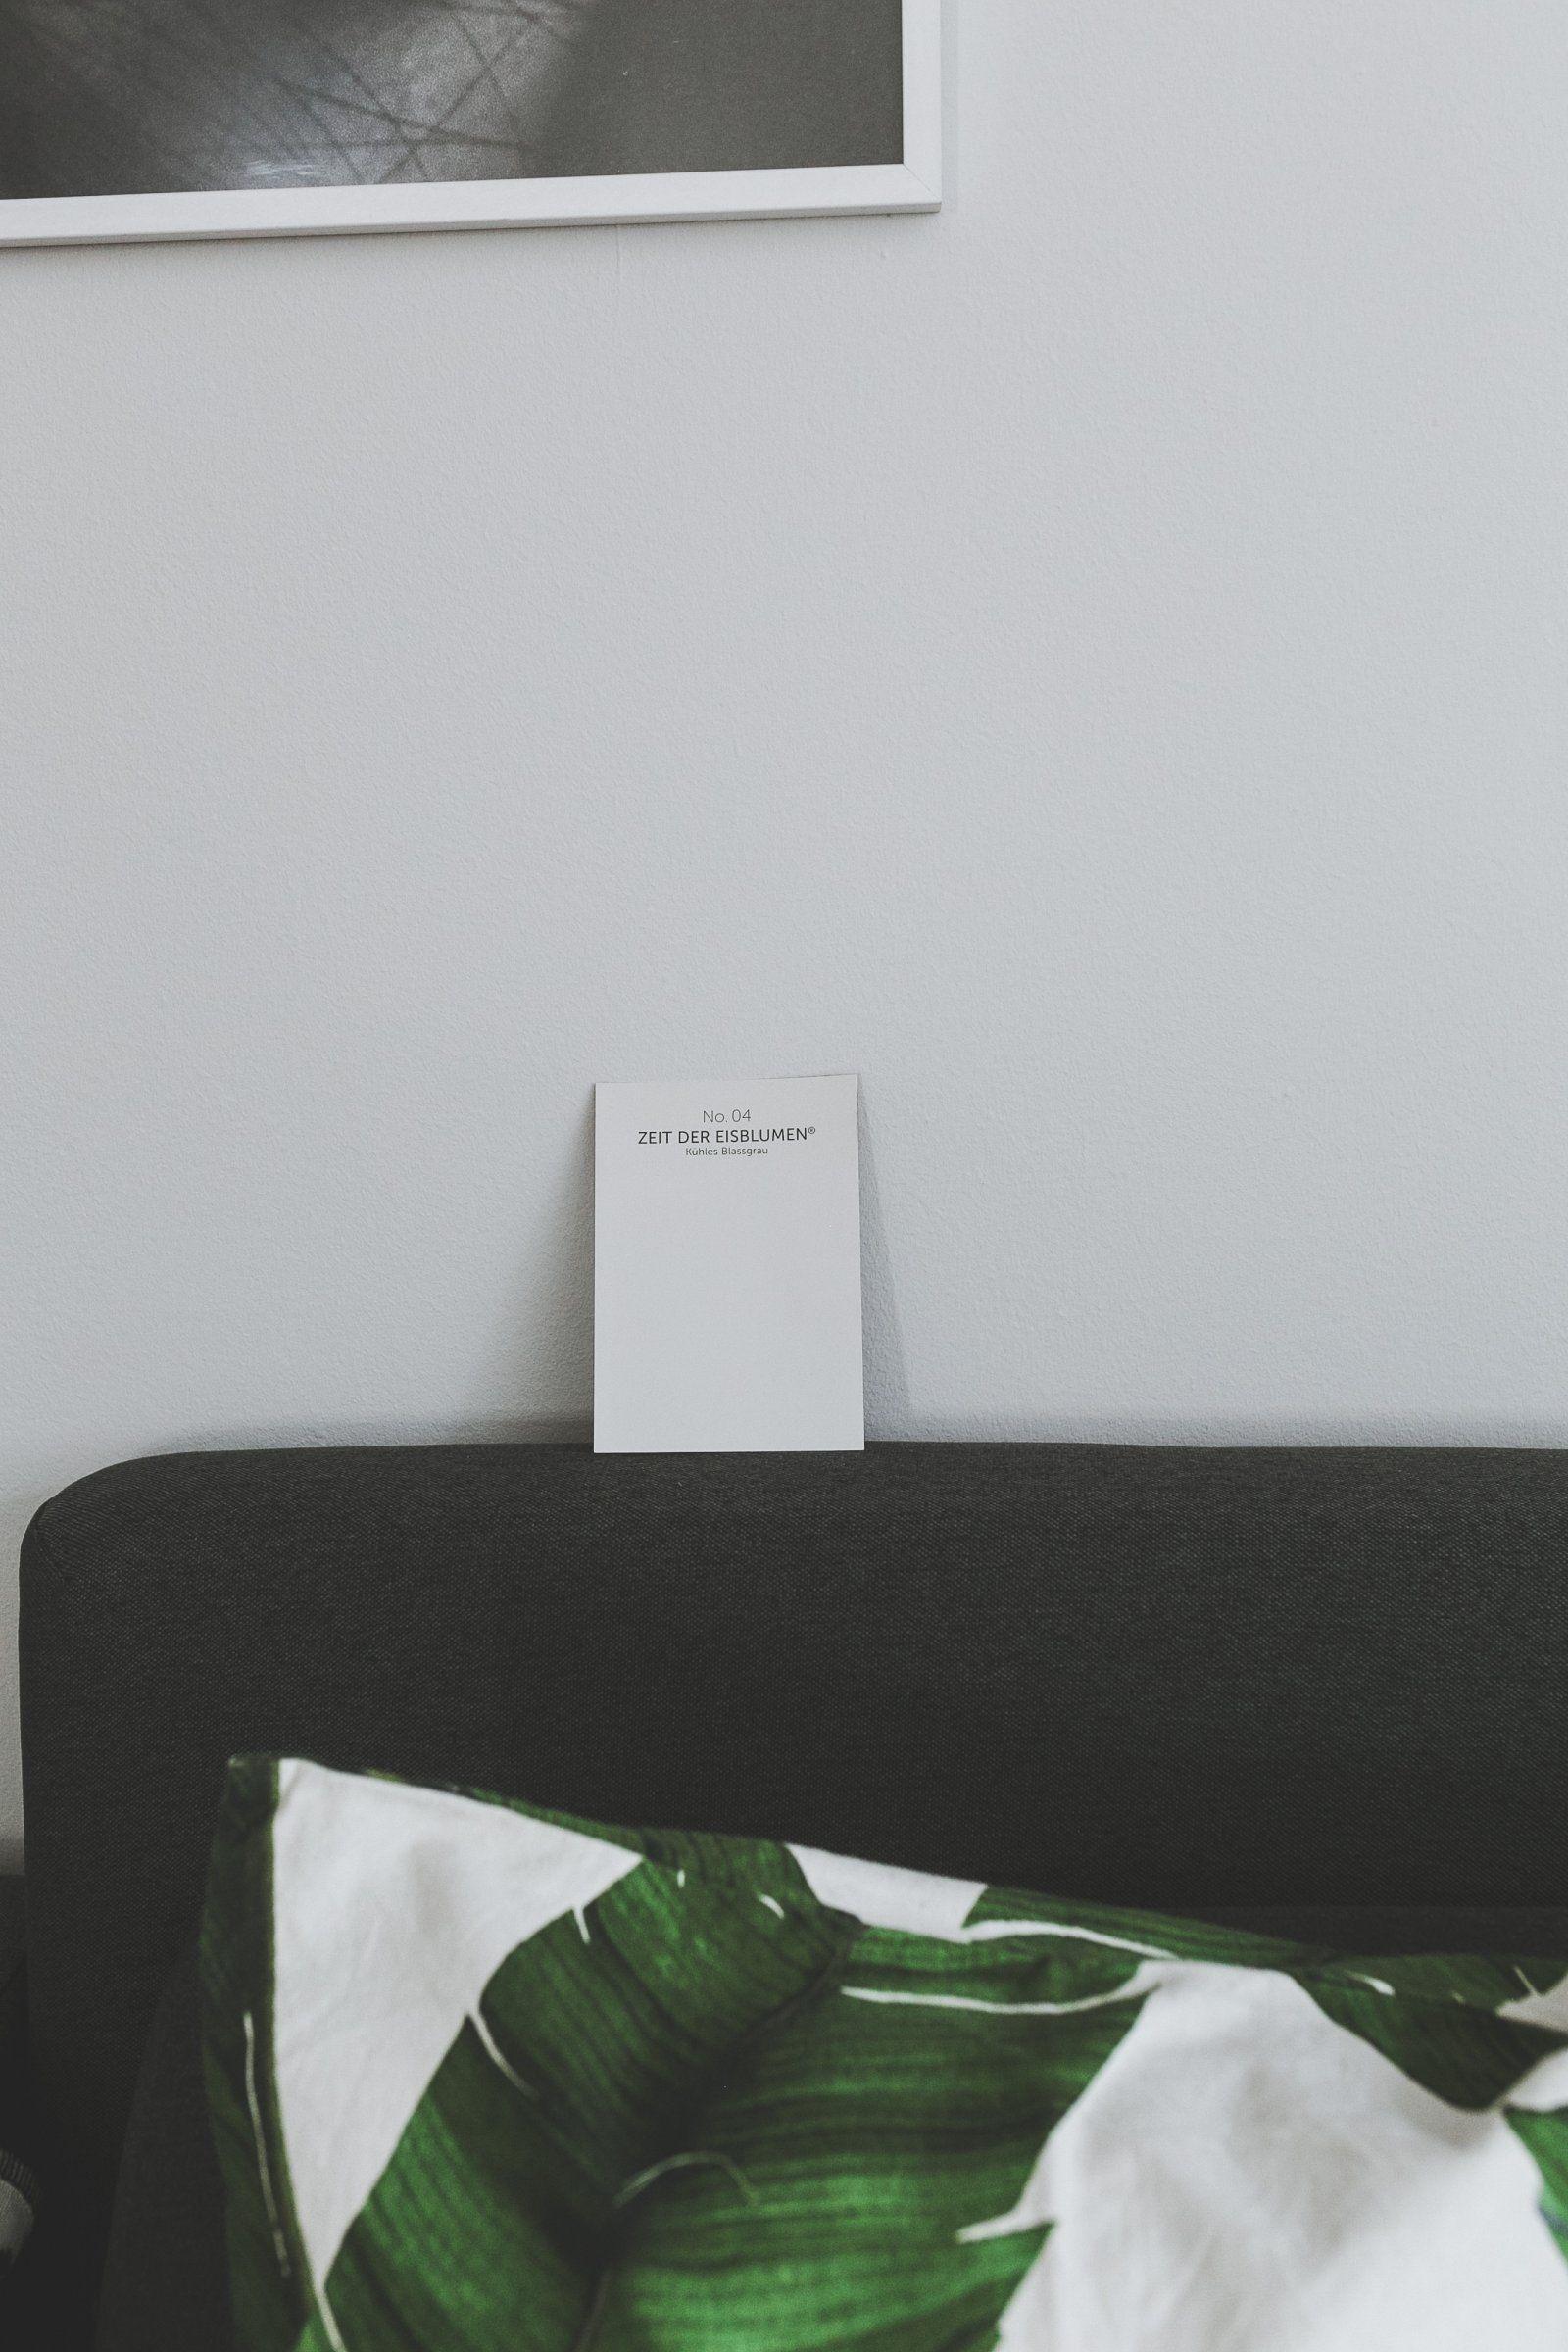 Aplina Feine Farbe Zeit der Eisblumen, Wohnzimmer im Industrial Stil einrichten, graue Wand, Wandgestaltung mit Alpina, Wohnzimmer Ideen, Wohnzimmer Inspiration, Living Room Ideas, Grey Interior Inspiration, Desenio Bilderwand, minimalistisch Einrichten, modernes Wohnzimmer, gemütliches Wohnzimmer, Interior Blog, Style Blog, www.kleidermaedchen.de #alpinafeinefarben Aplina Feine Farbe Zeit der Eisblumen, Wohnzimmer im Industrial Stil einrichten, graue Wand, Wandgestaltung mit Alpina, Wohnzimmer #deseniobilderwand